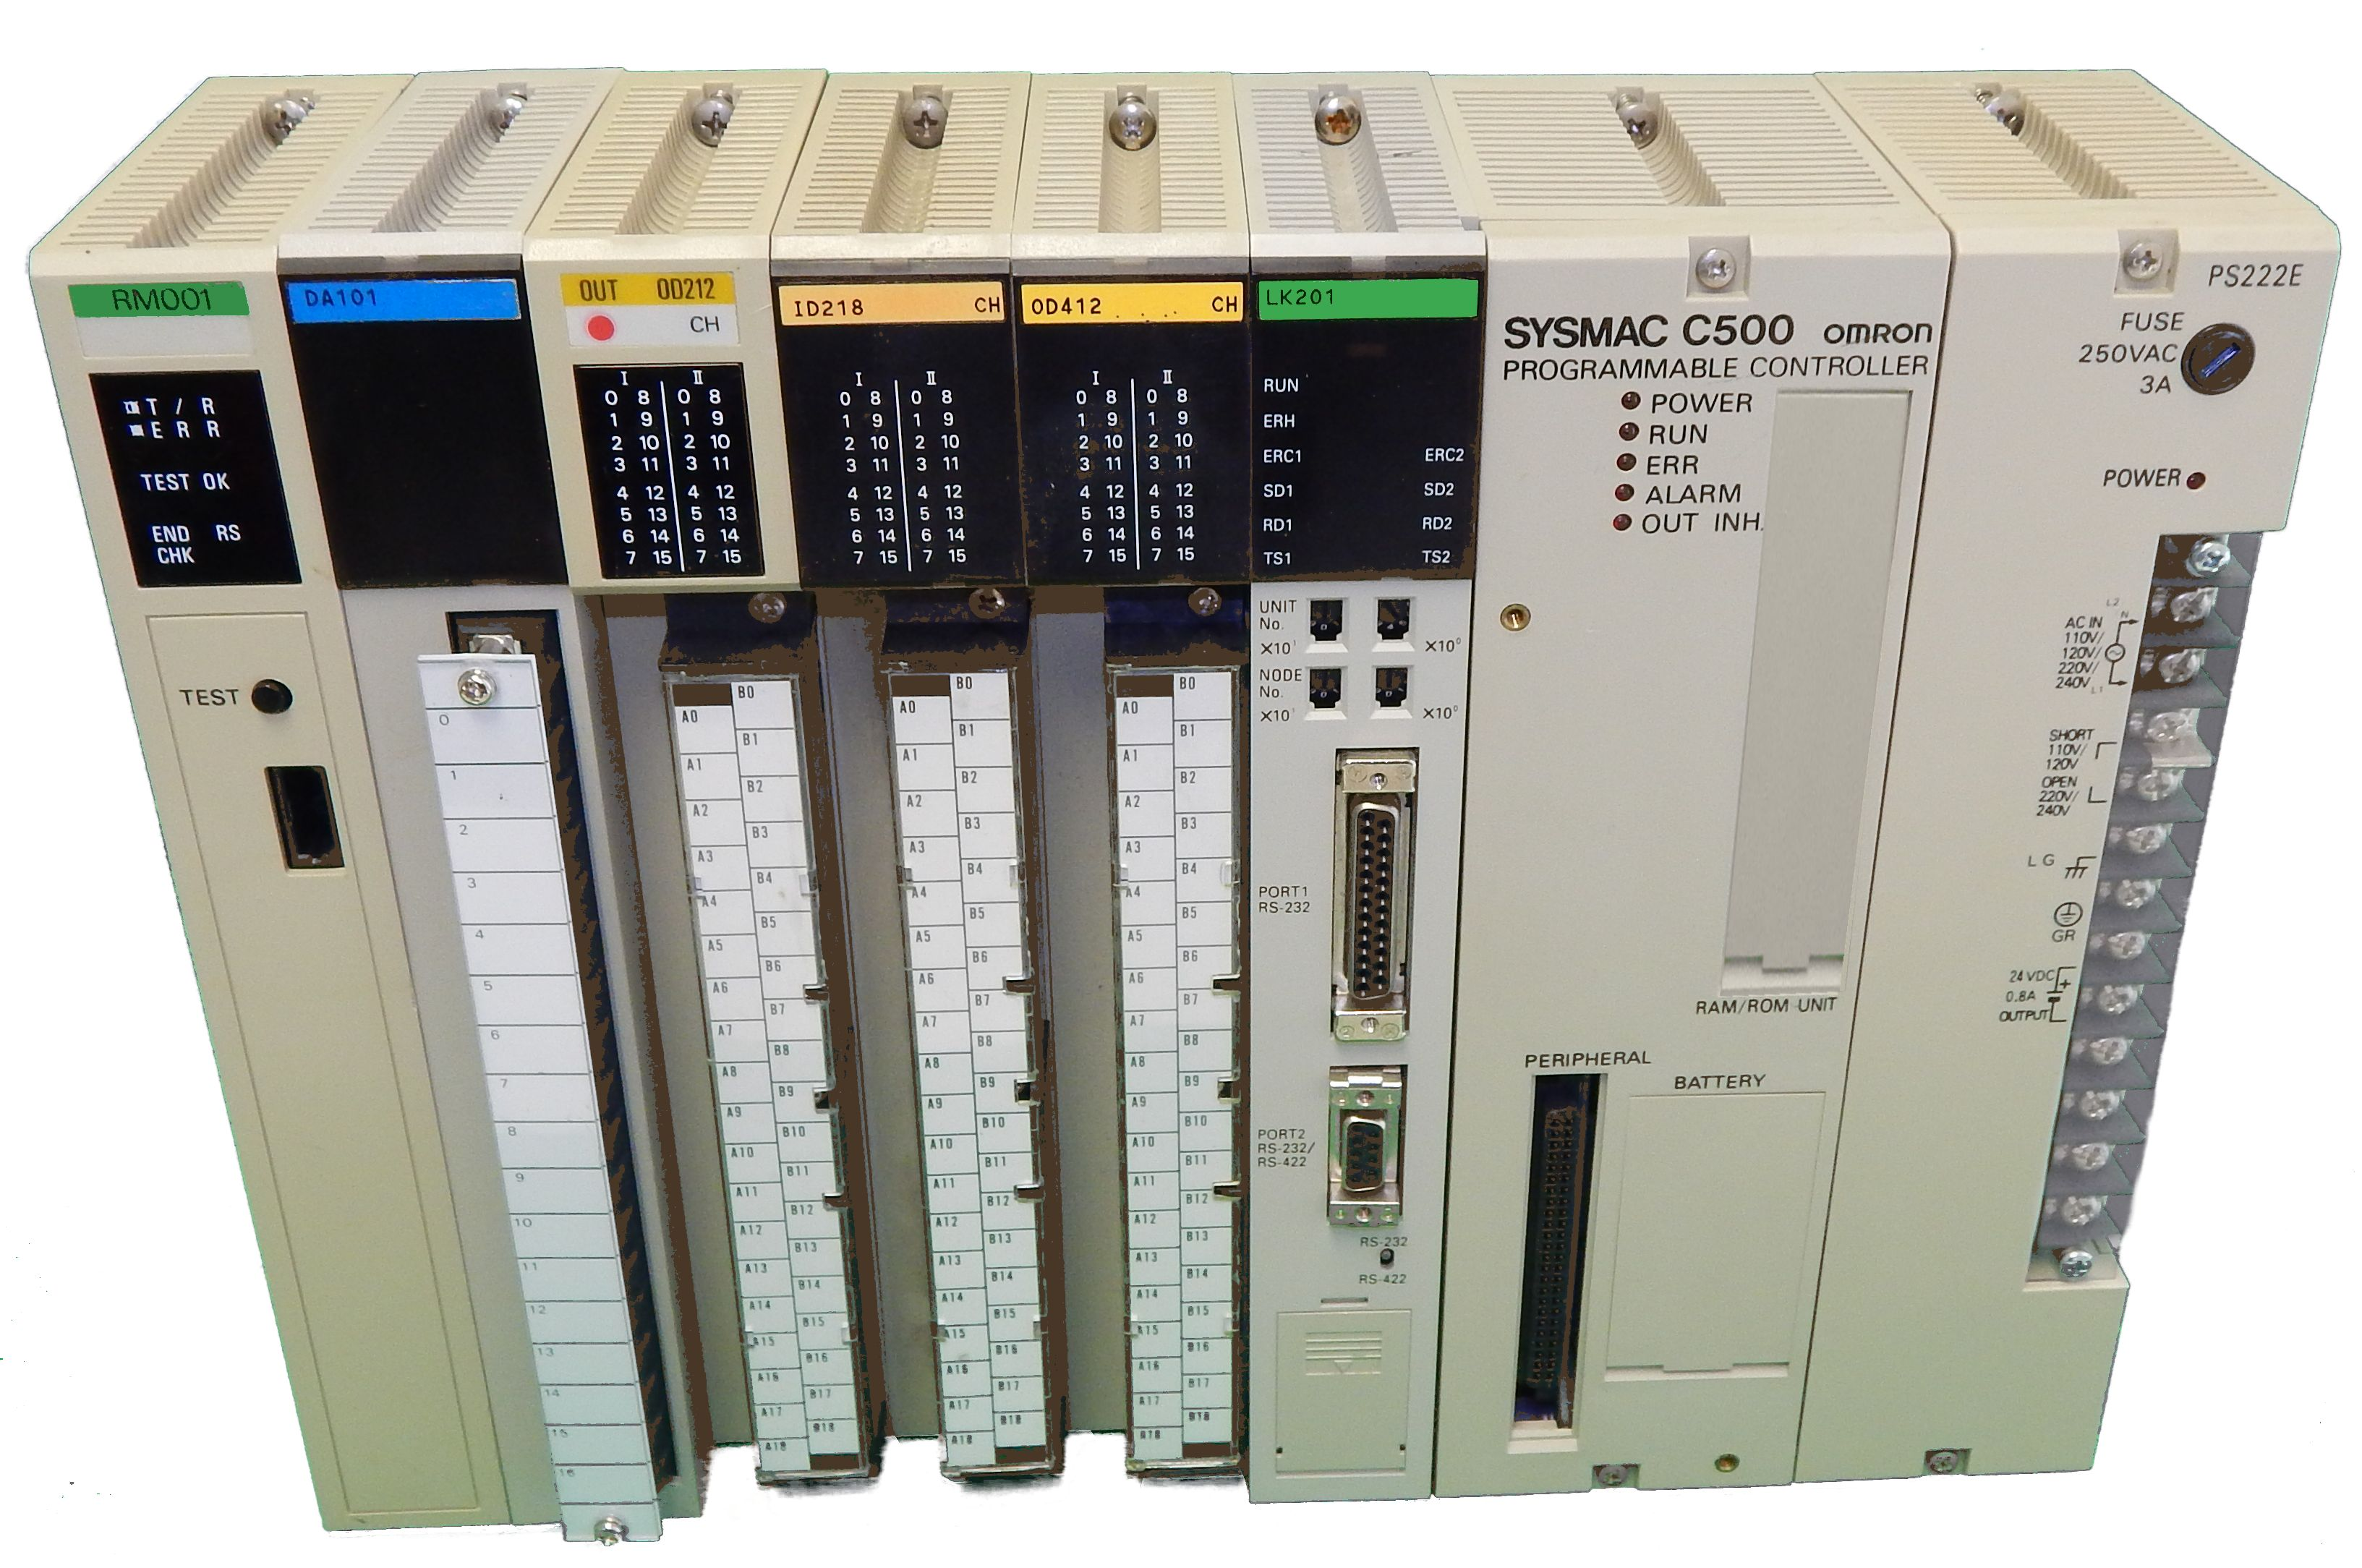 3G2A5-AD003